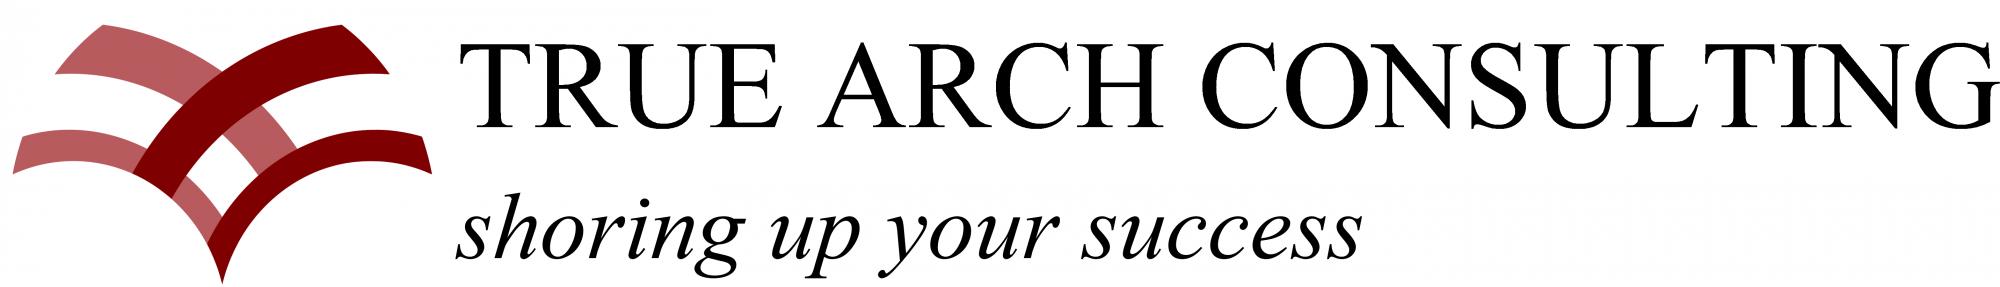 true-arch.com